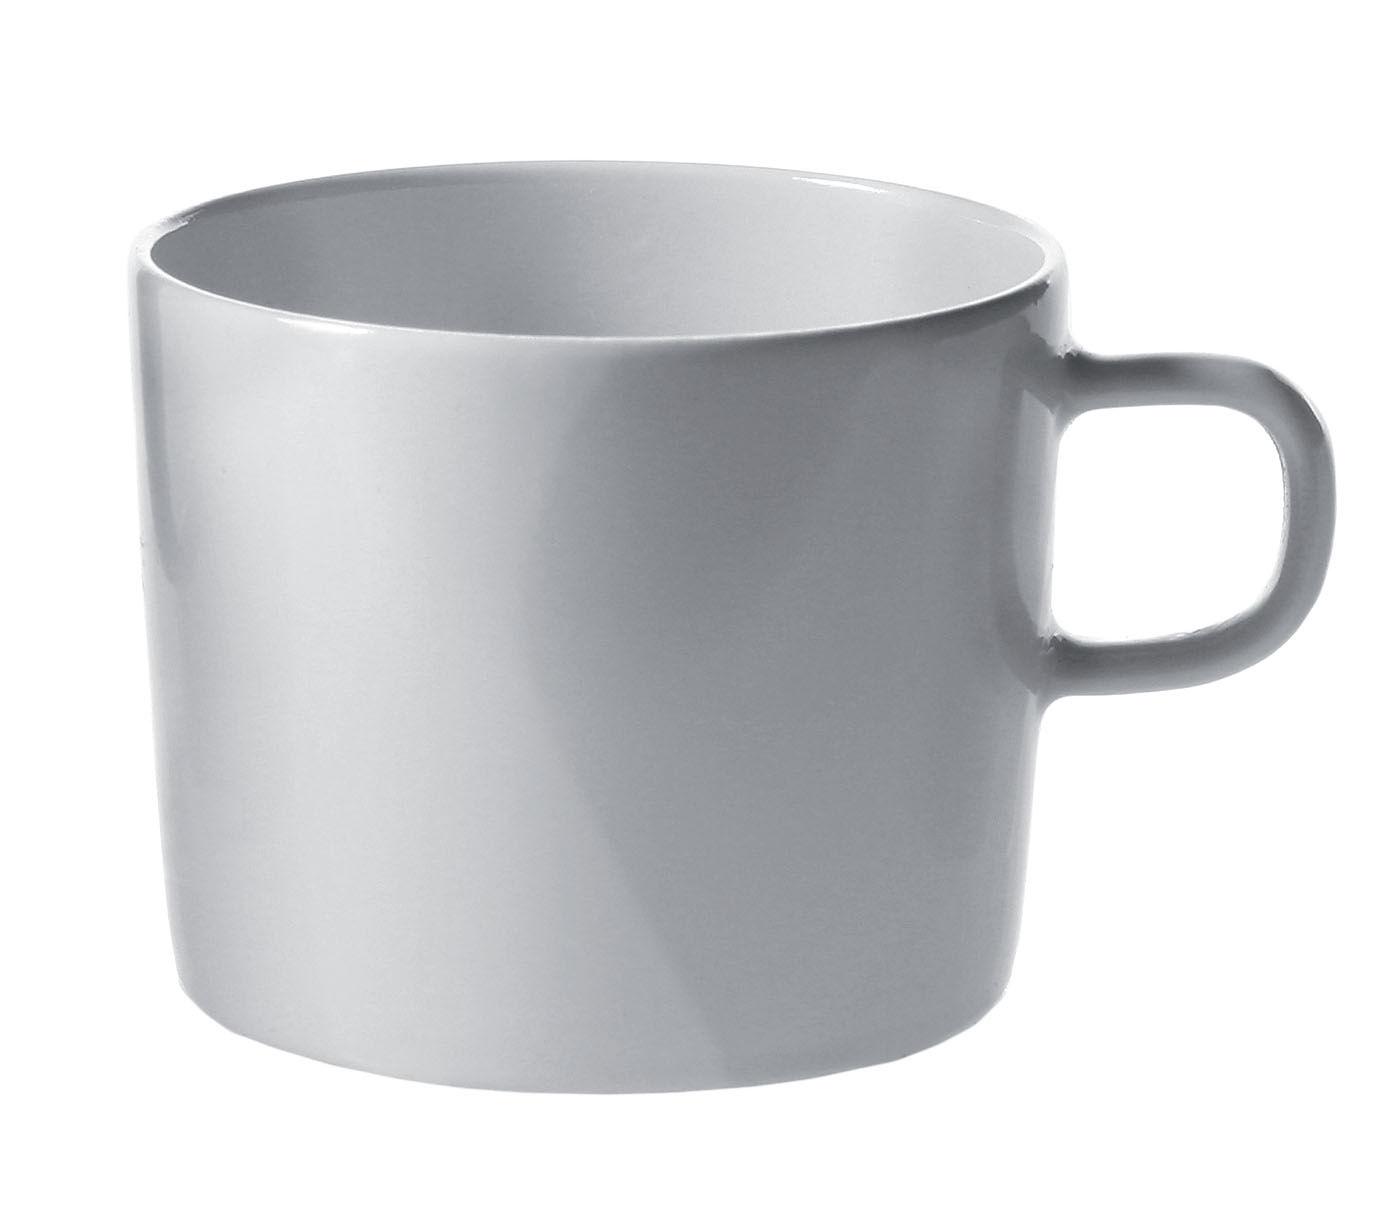 Arts de la table - Tasses et mugs - Tasse à café Platebowlcup - A di Alessi - Tasse blanche - Porcelaine